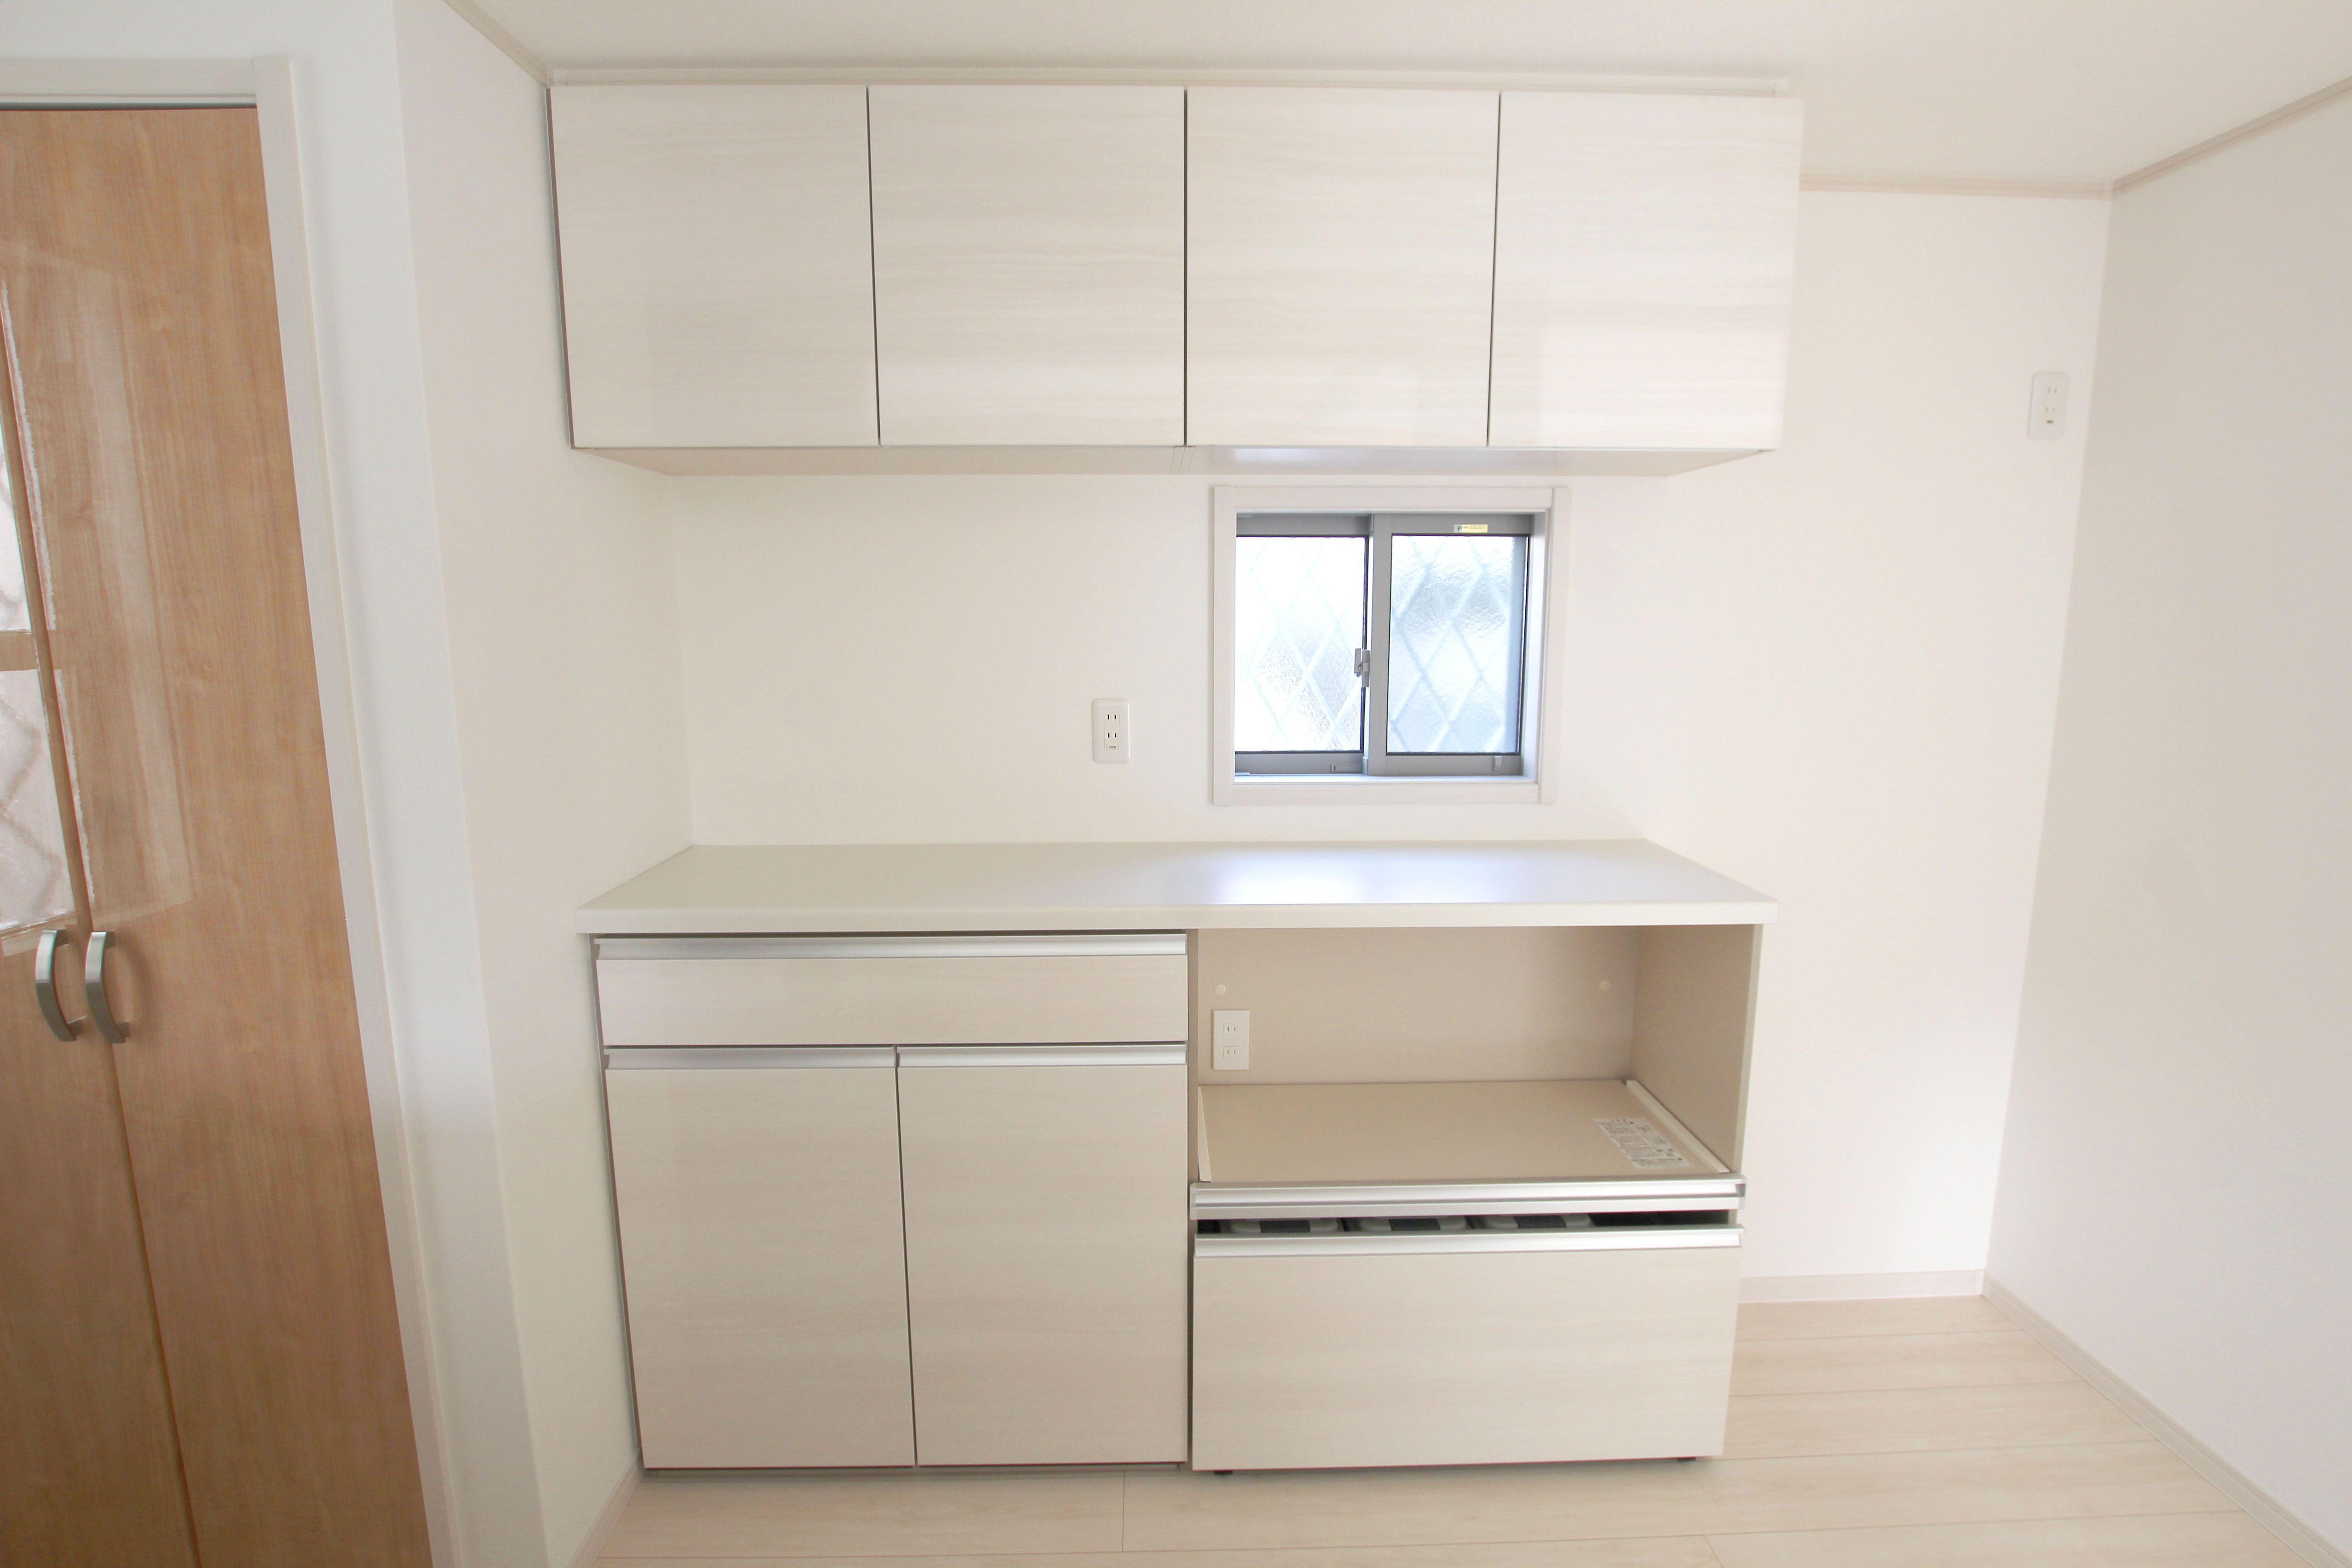 キッチン背面部に配されたカップボードと吊戸棚 大容量の収納が可能で